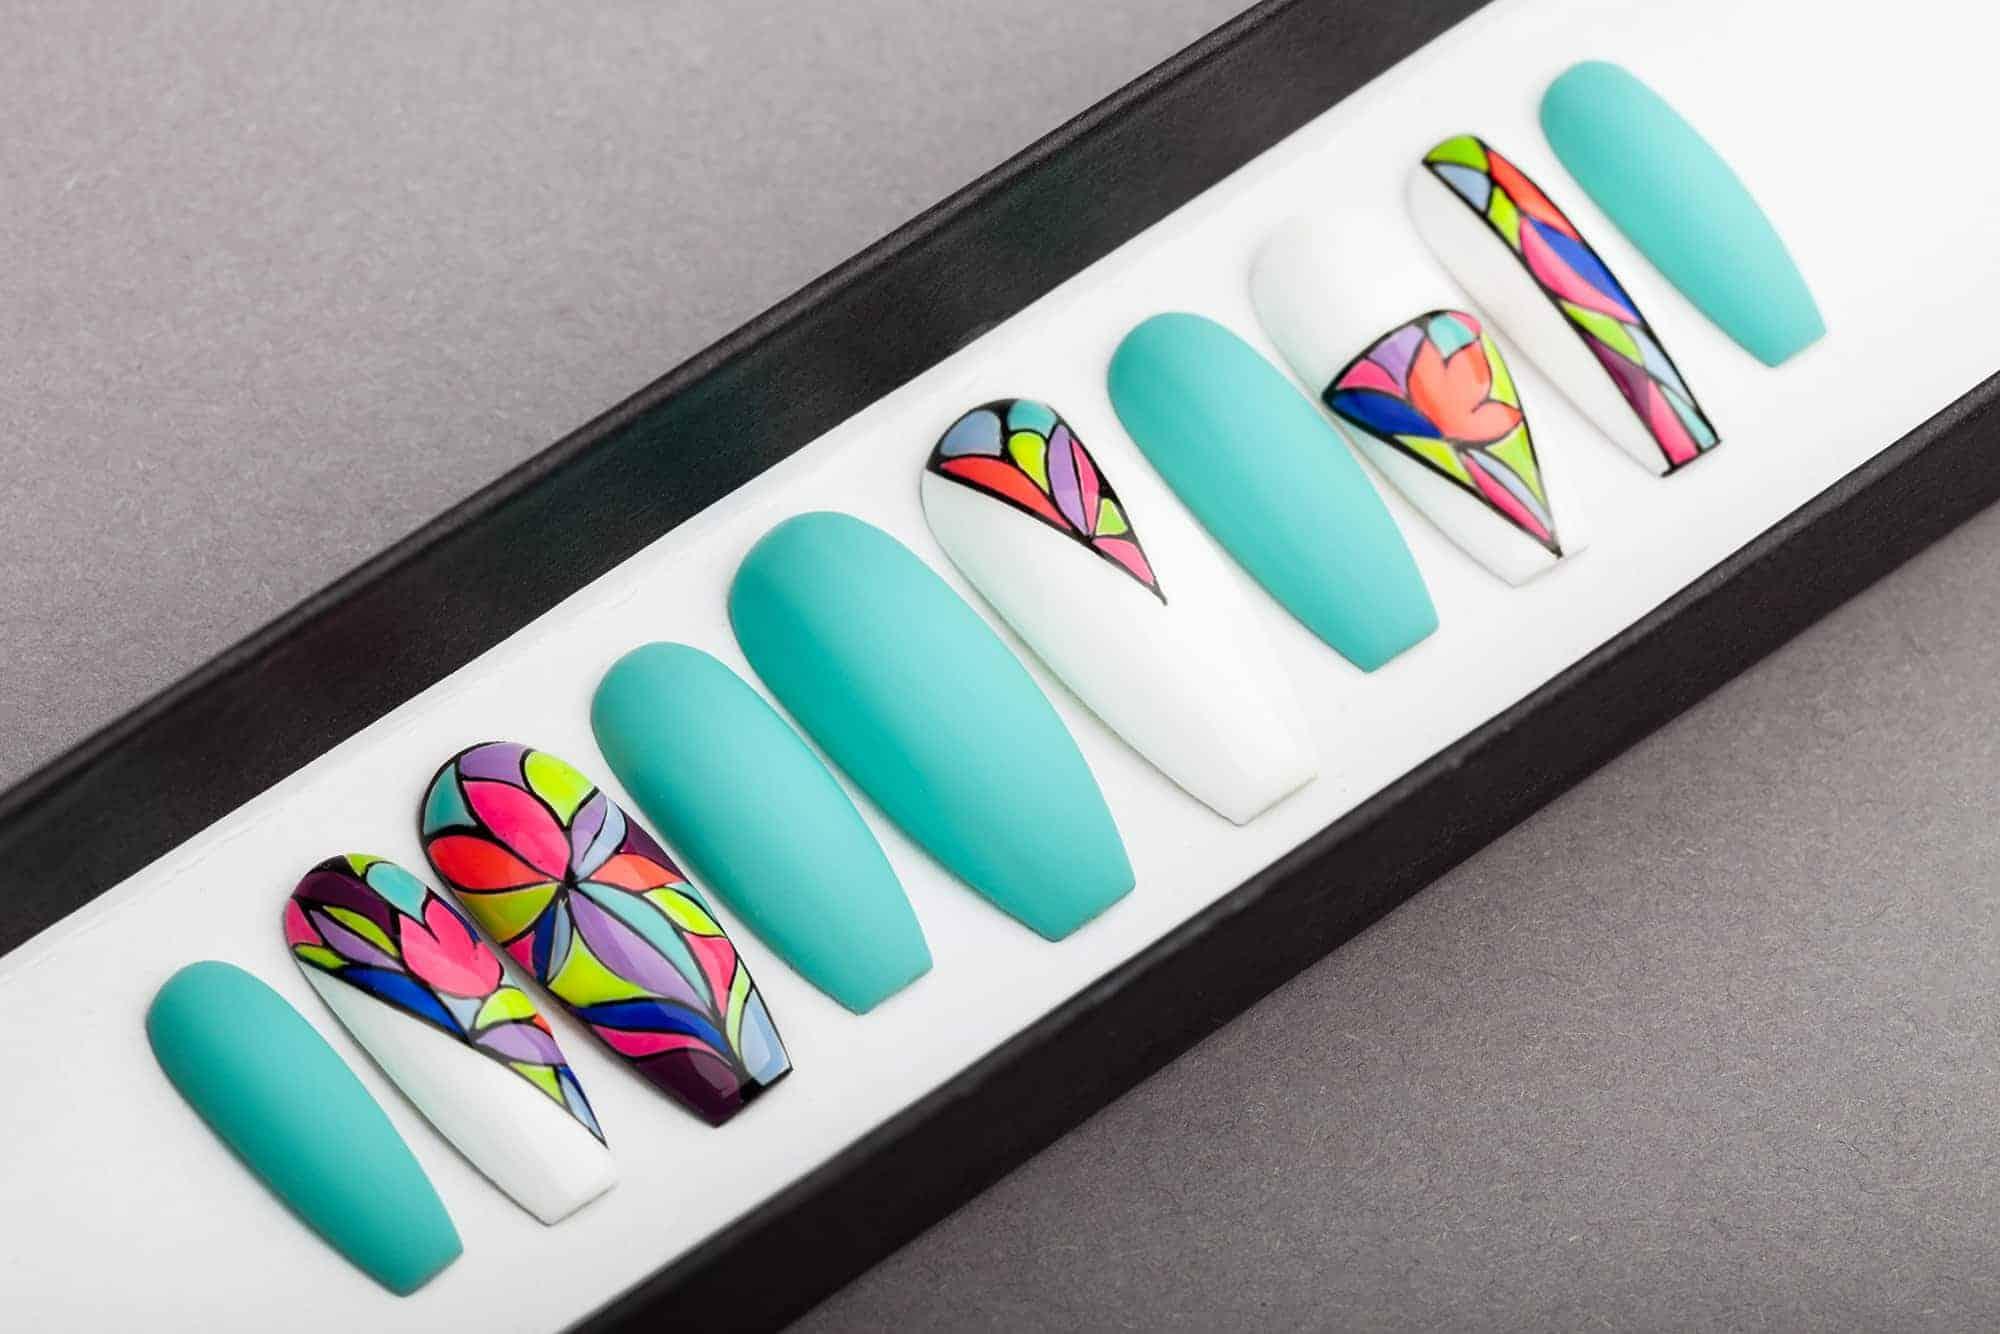 Neon Mosaic Press On Nails | Turquoise nails | Hand painted Nail Art | Fake Nails | False Nails